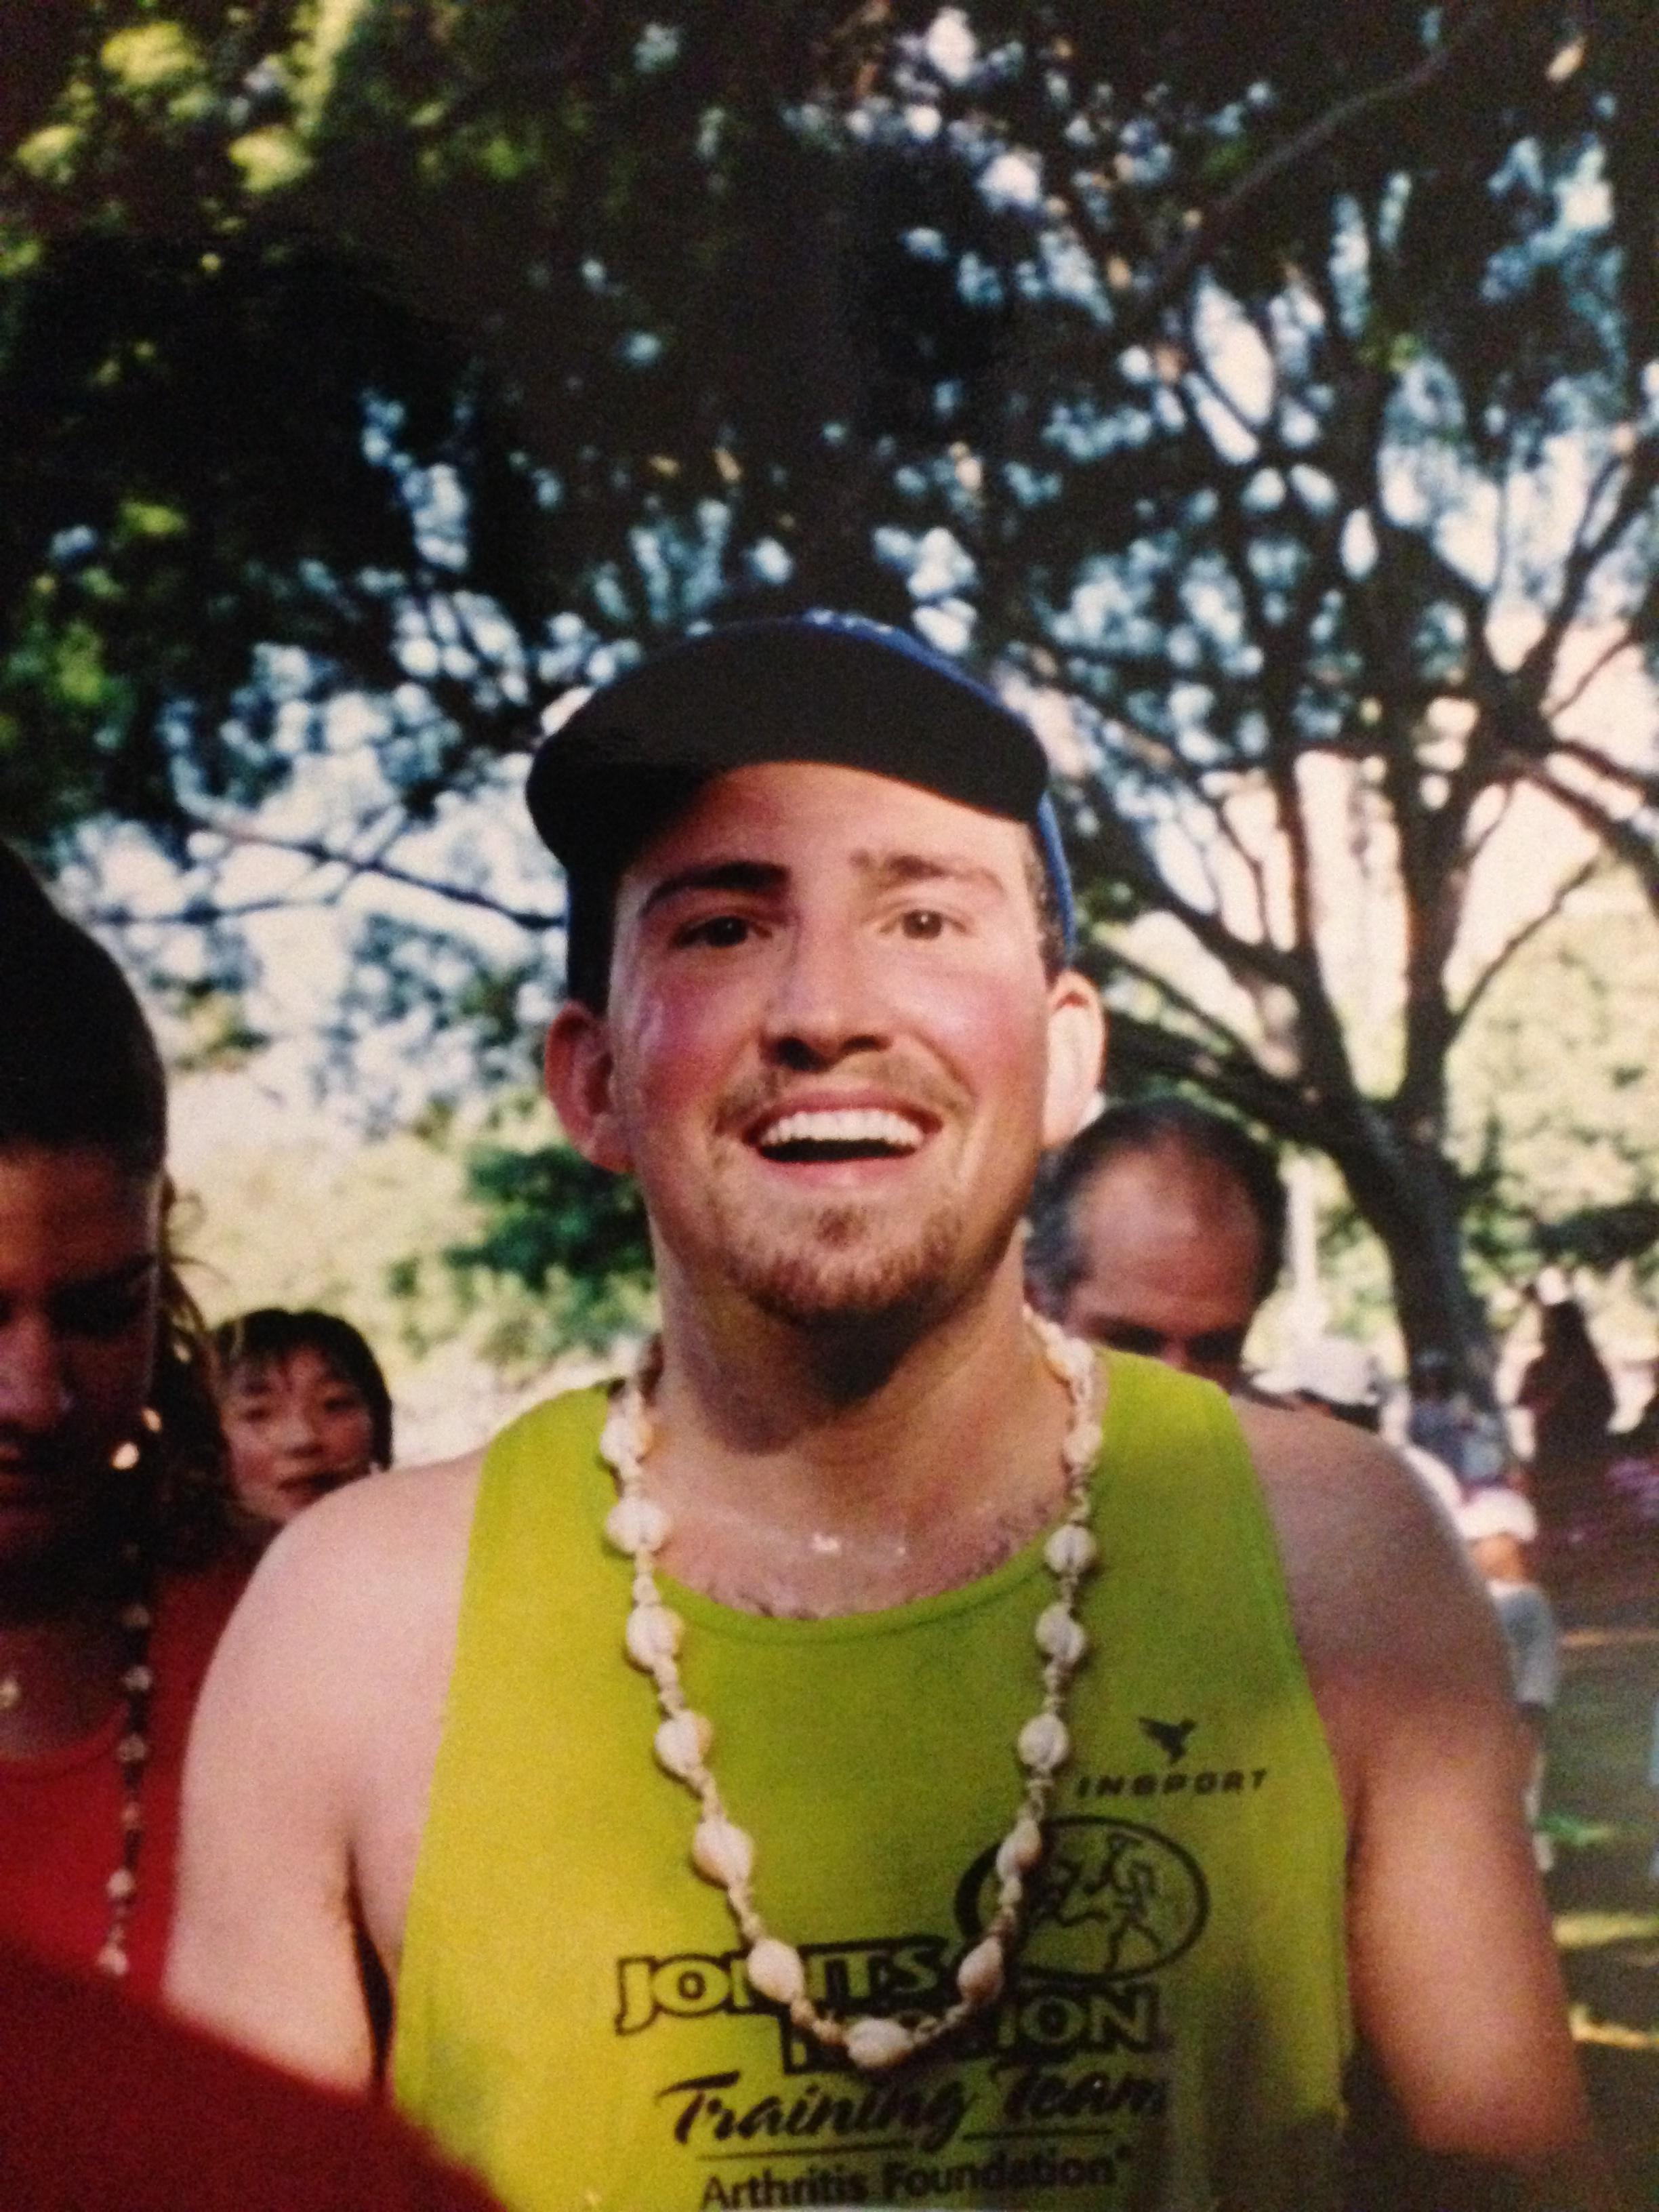 Honolulu Marathon Finisher, 2003